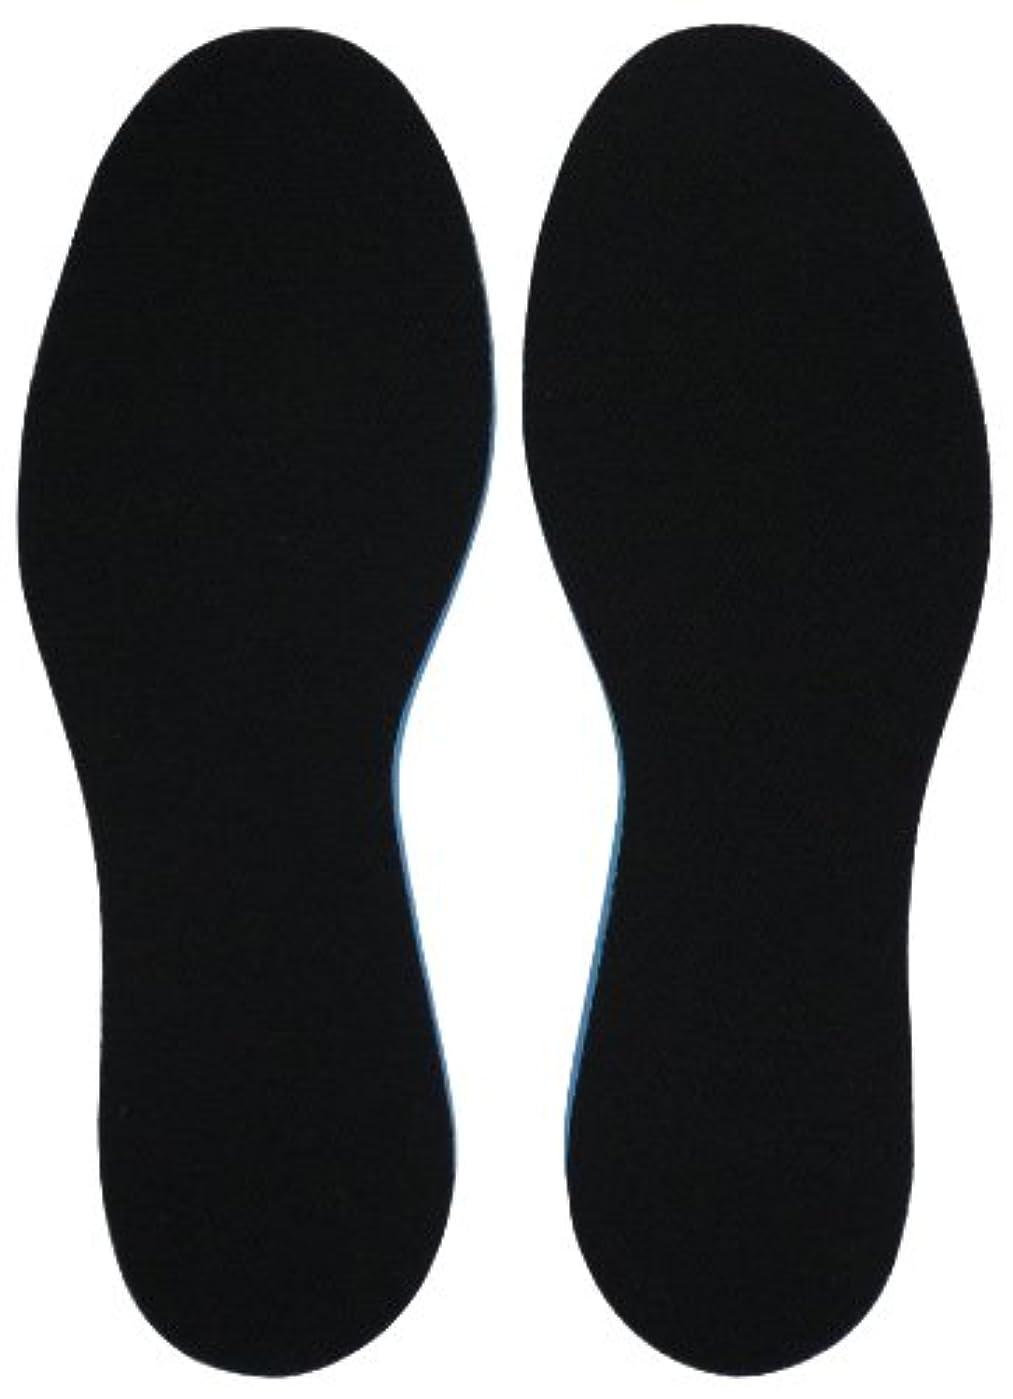 キャメル賞賛ライトニングコロンブス MEGA厚サイズフィッターインソール 1足分(2枚入り) 男女兼用 フリーサイズ(22.0~28.0cm)